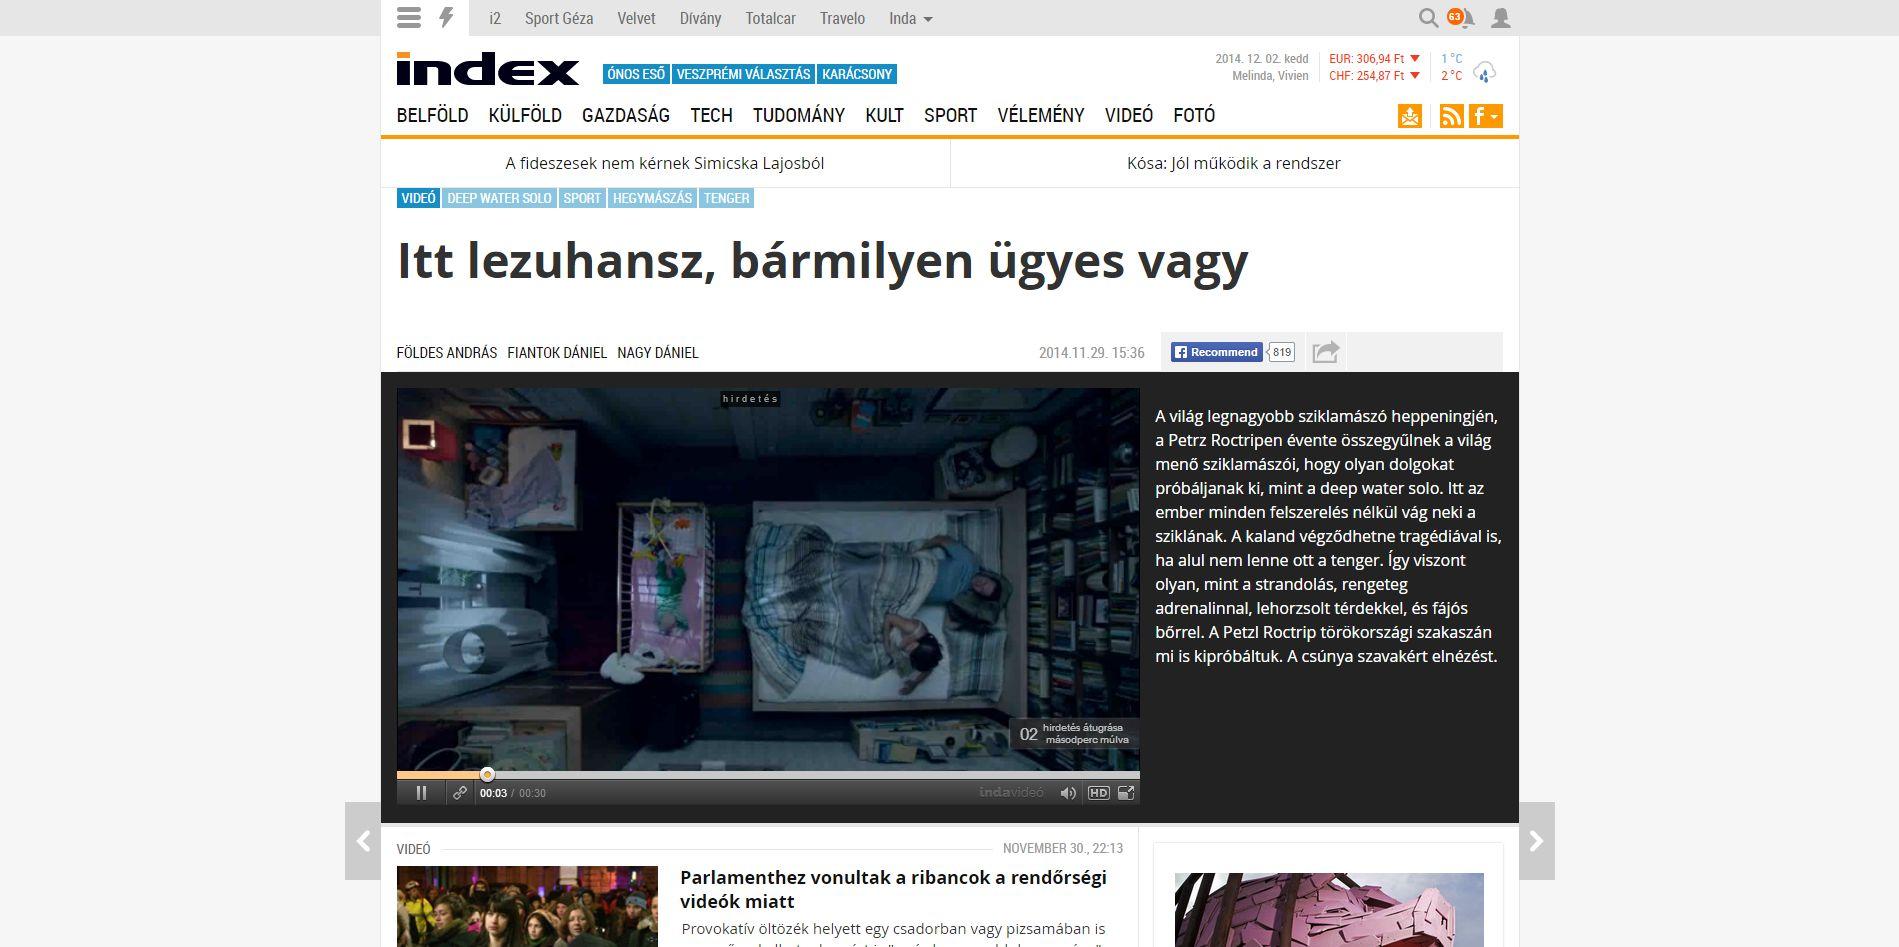 Index Videó